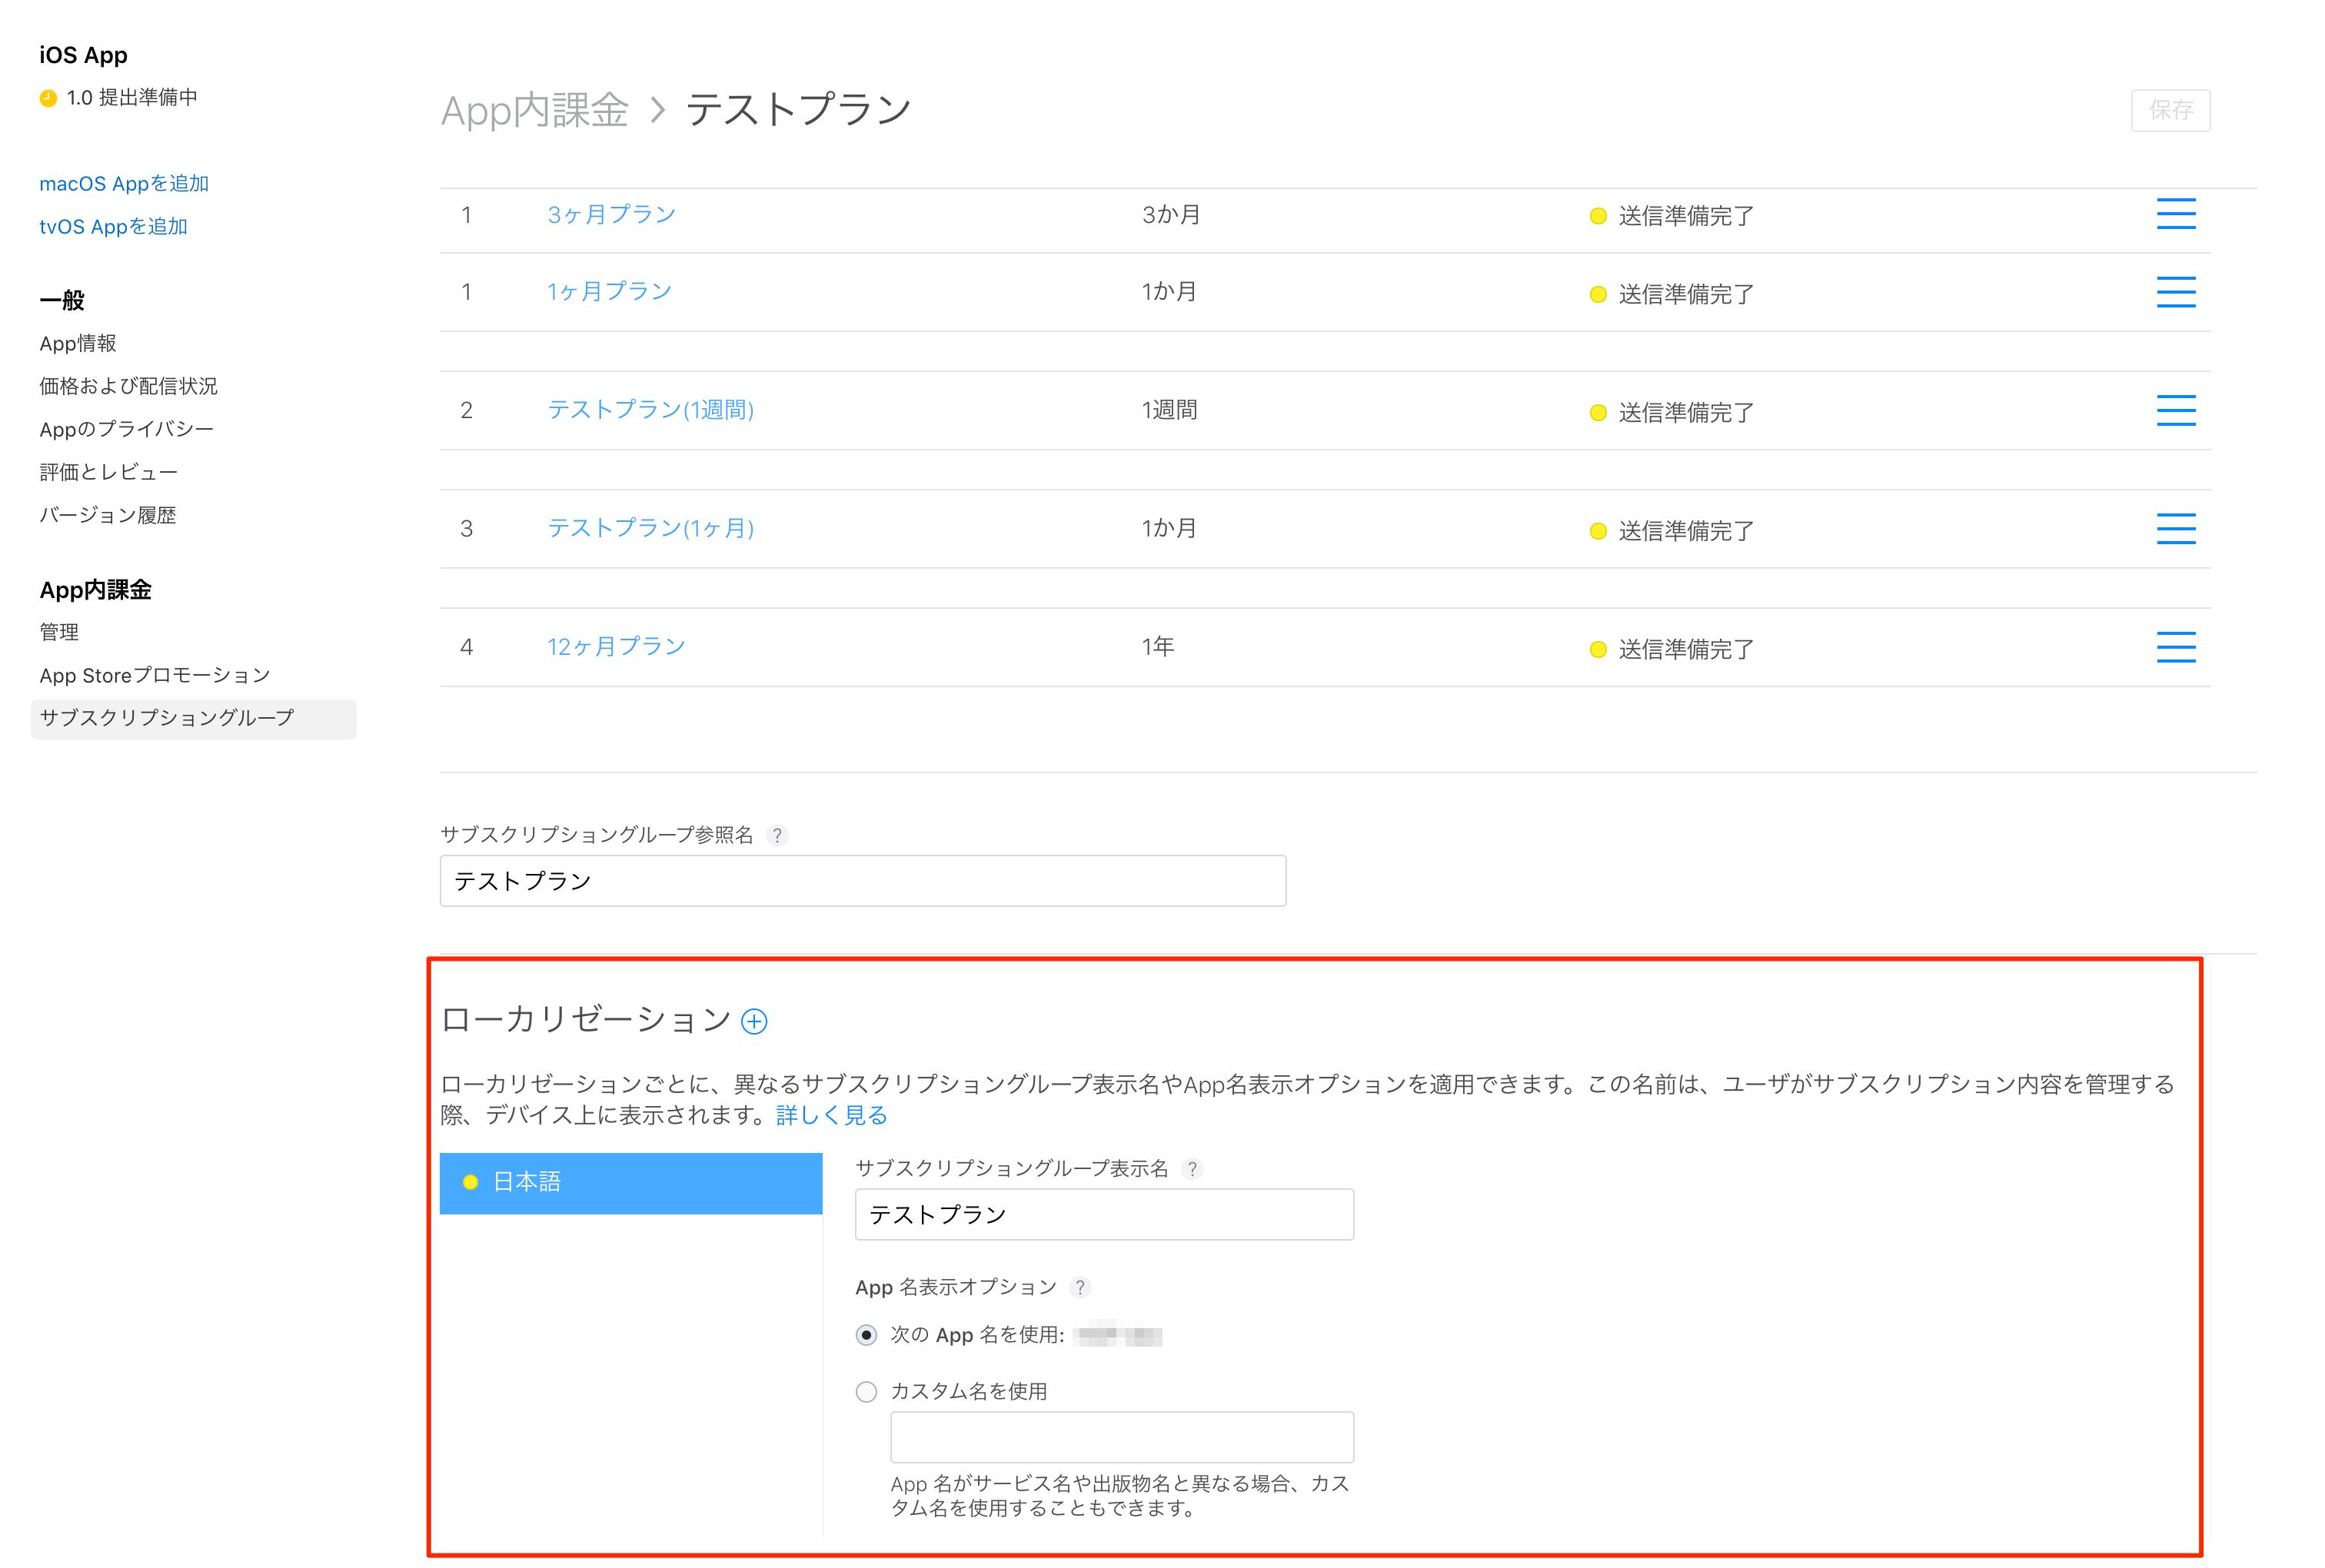 スクリーンショット_2020-11-19_15_41_19.png